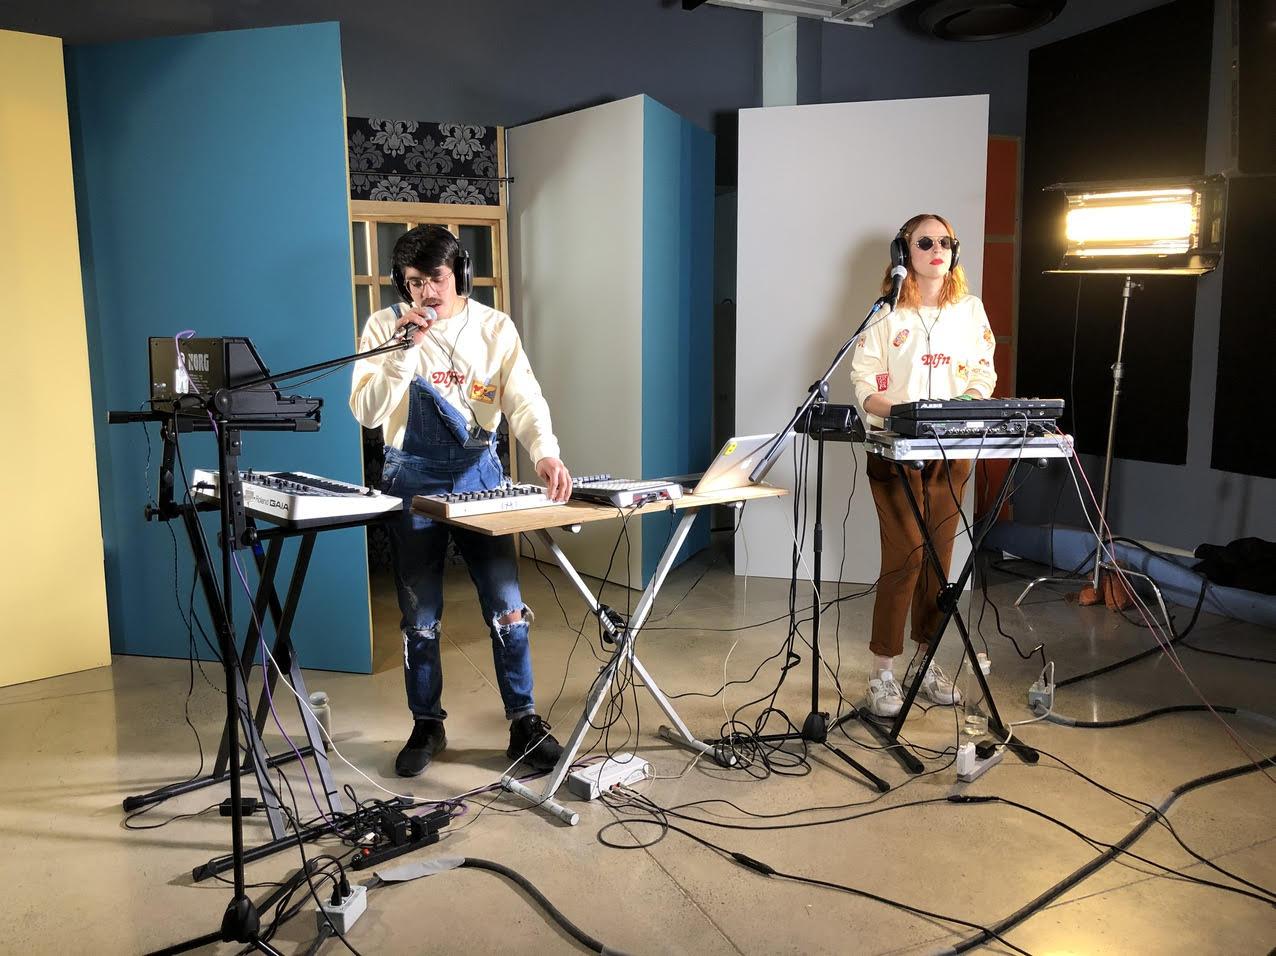 Imagen de la sesión en vivo para Ibero 90.9 e Ibero TV de Budaya. Foto: Diana Stern / Ibero 90.9